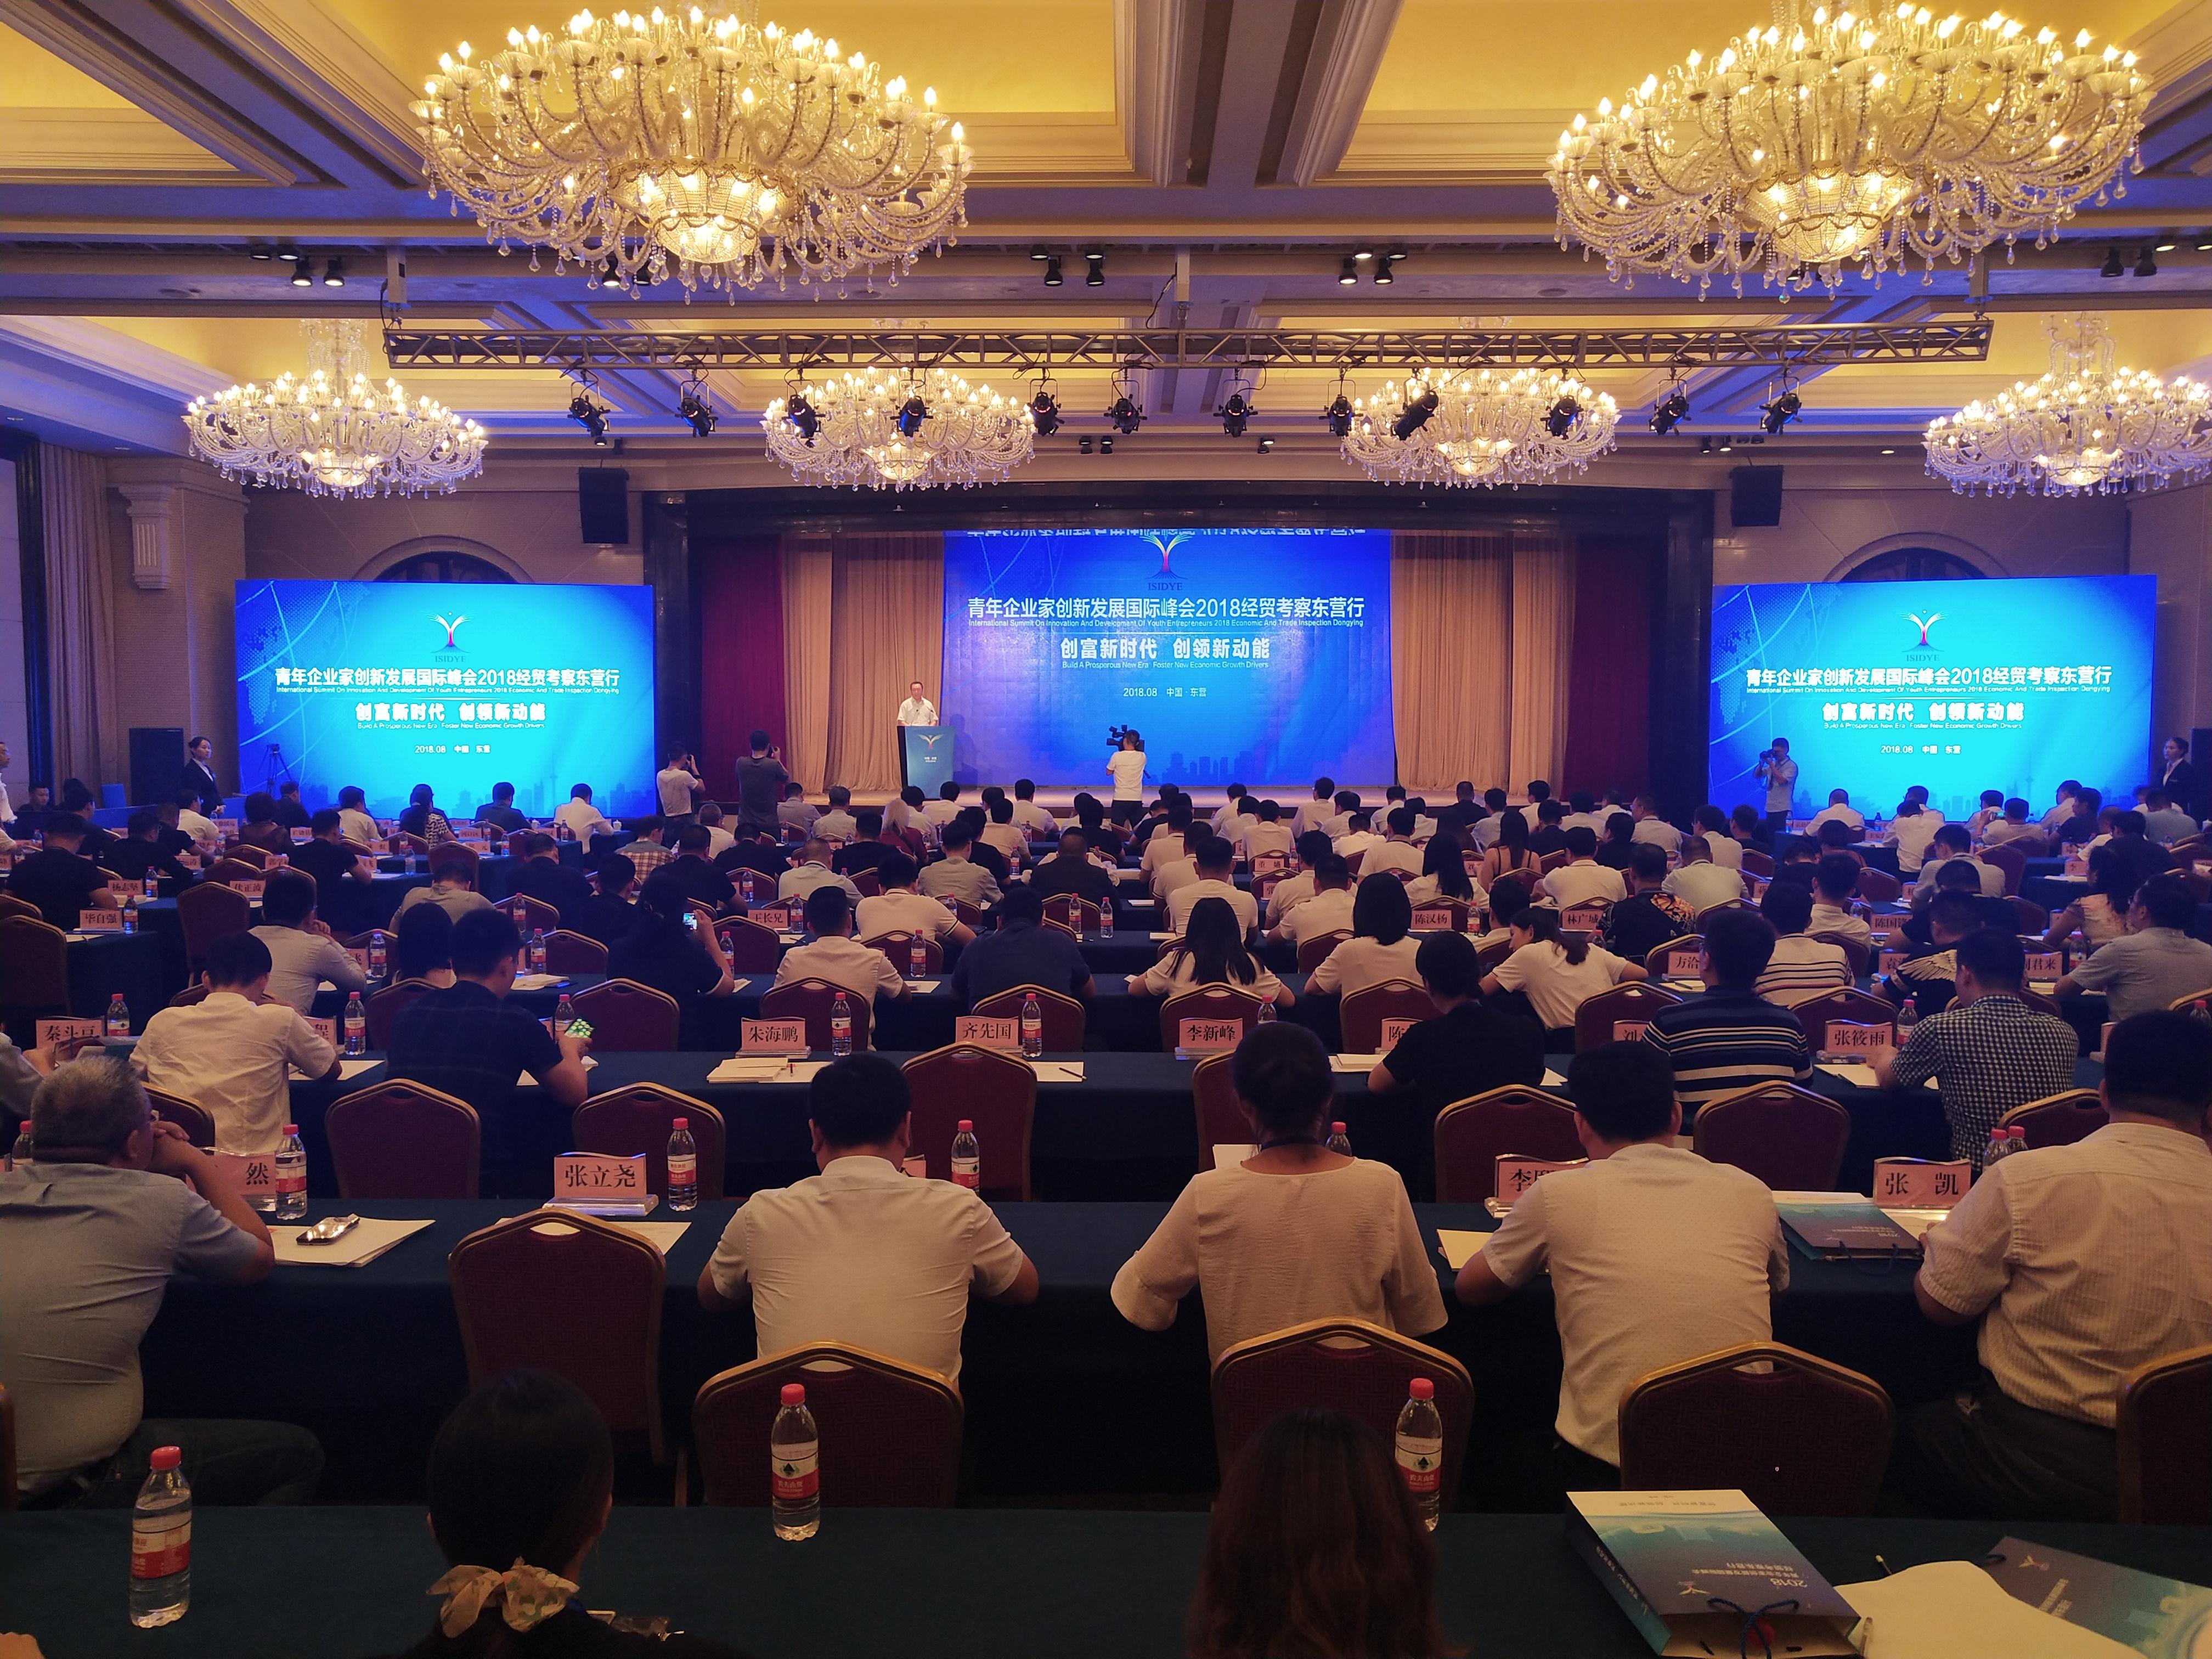 青年企业家创新发展国际峰会2018经贸考察东营行活动举办